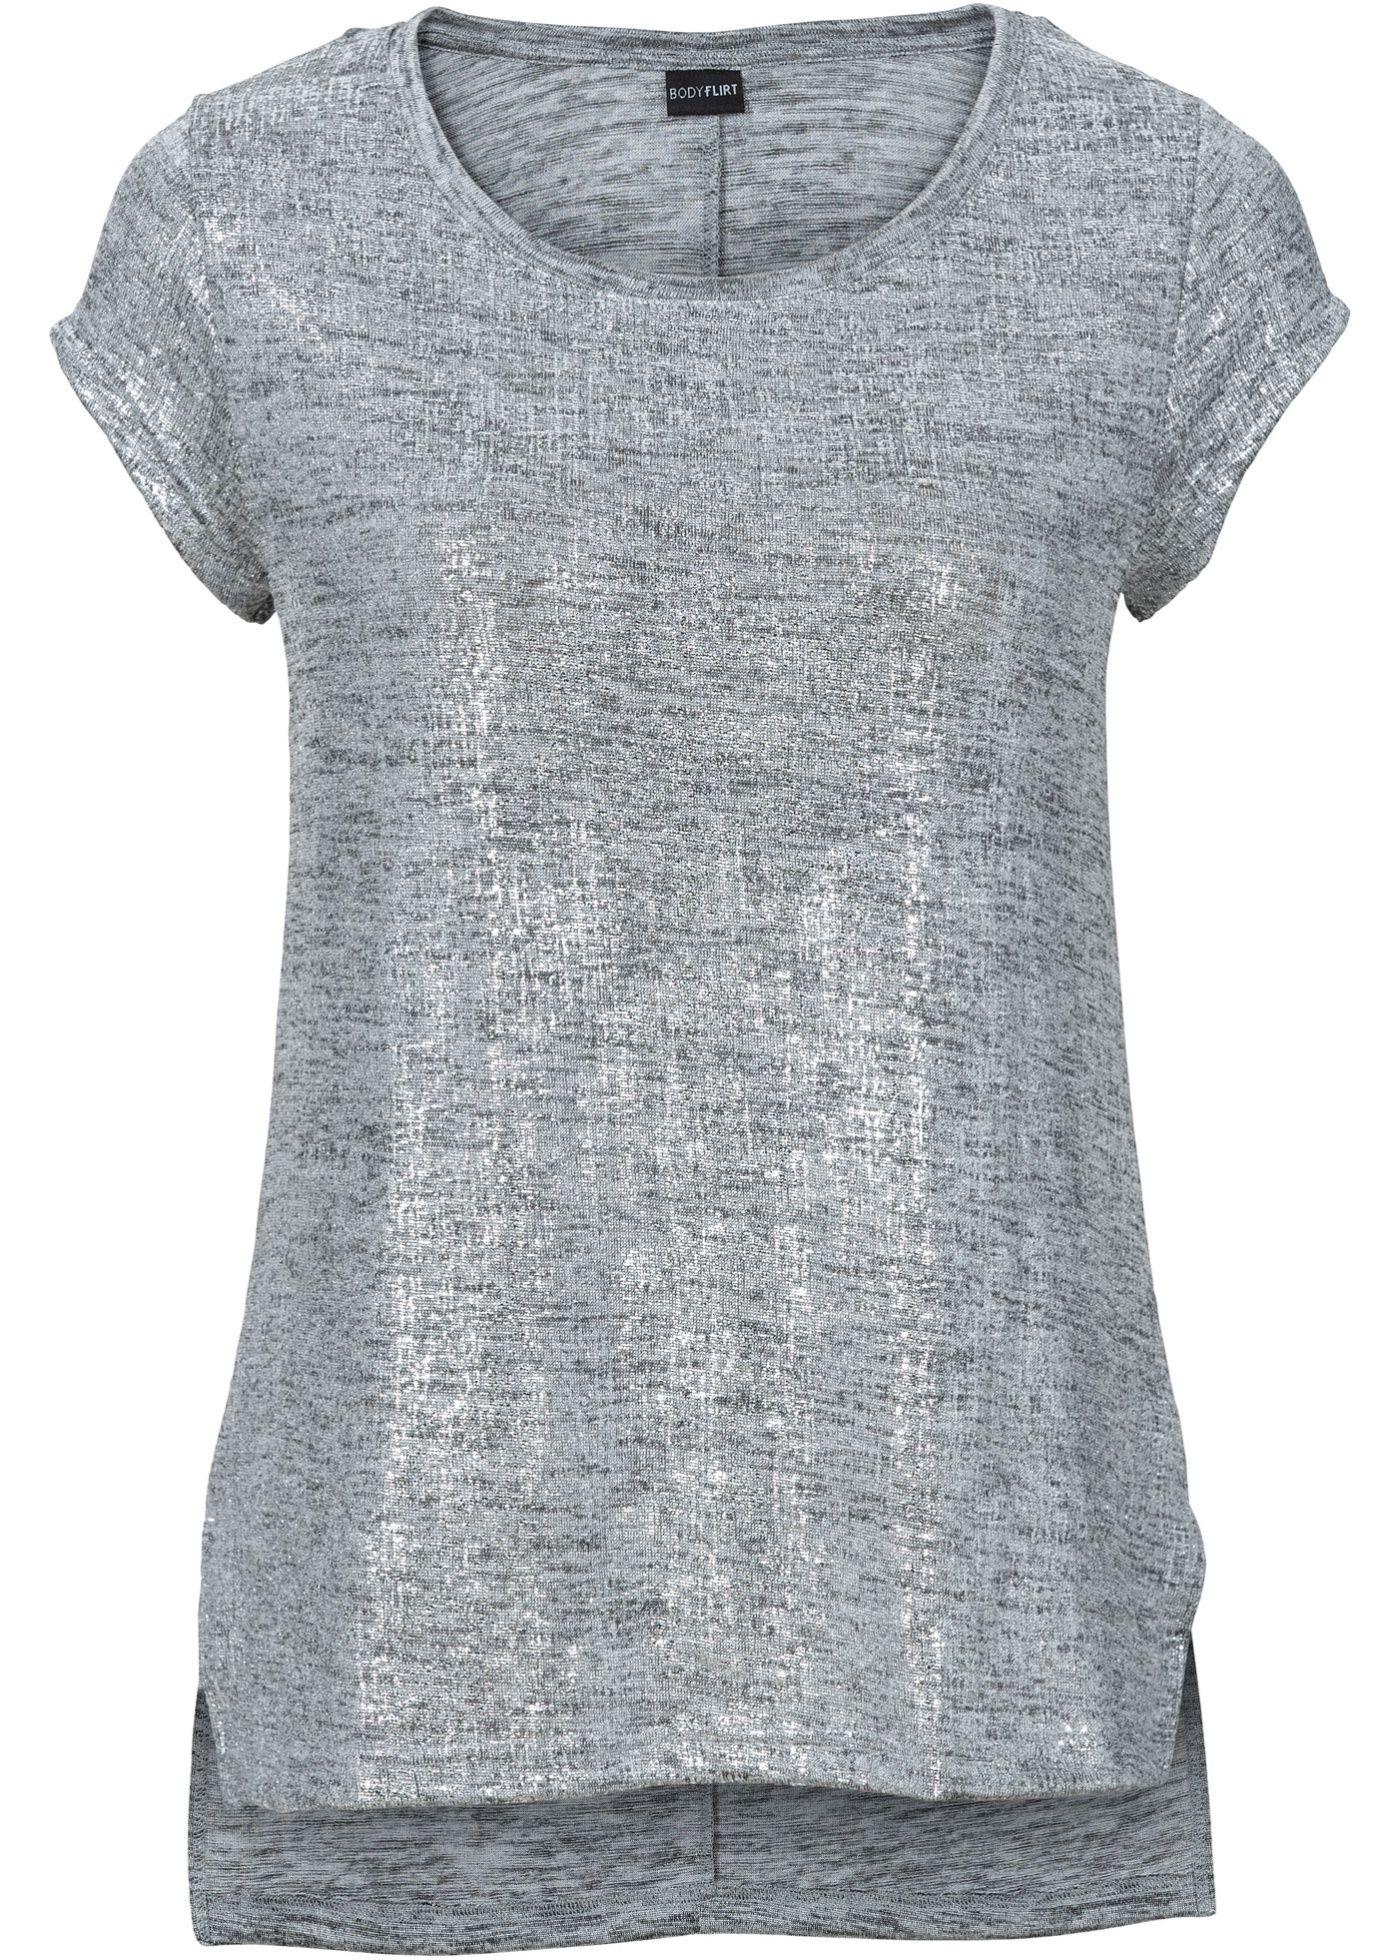 newest 9f4e5 40114 Hübsches Shirt mit auffälligem Glitzerdruck | Products in ...